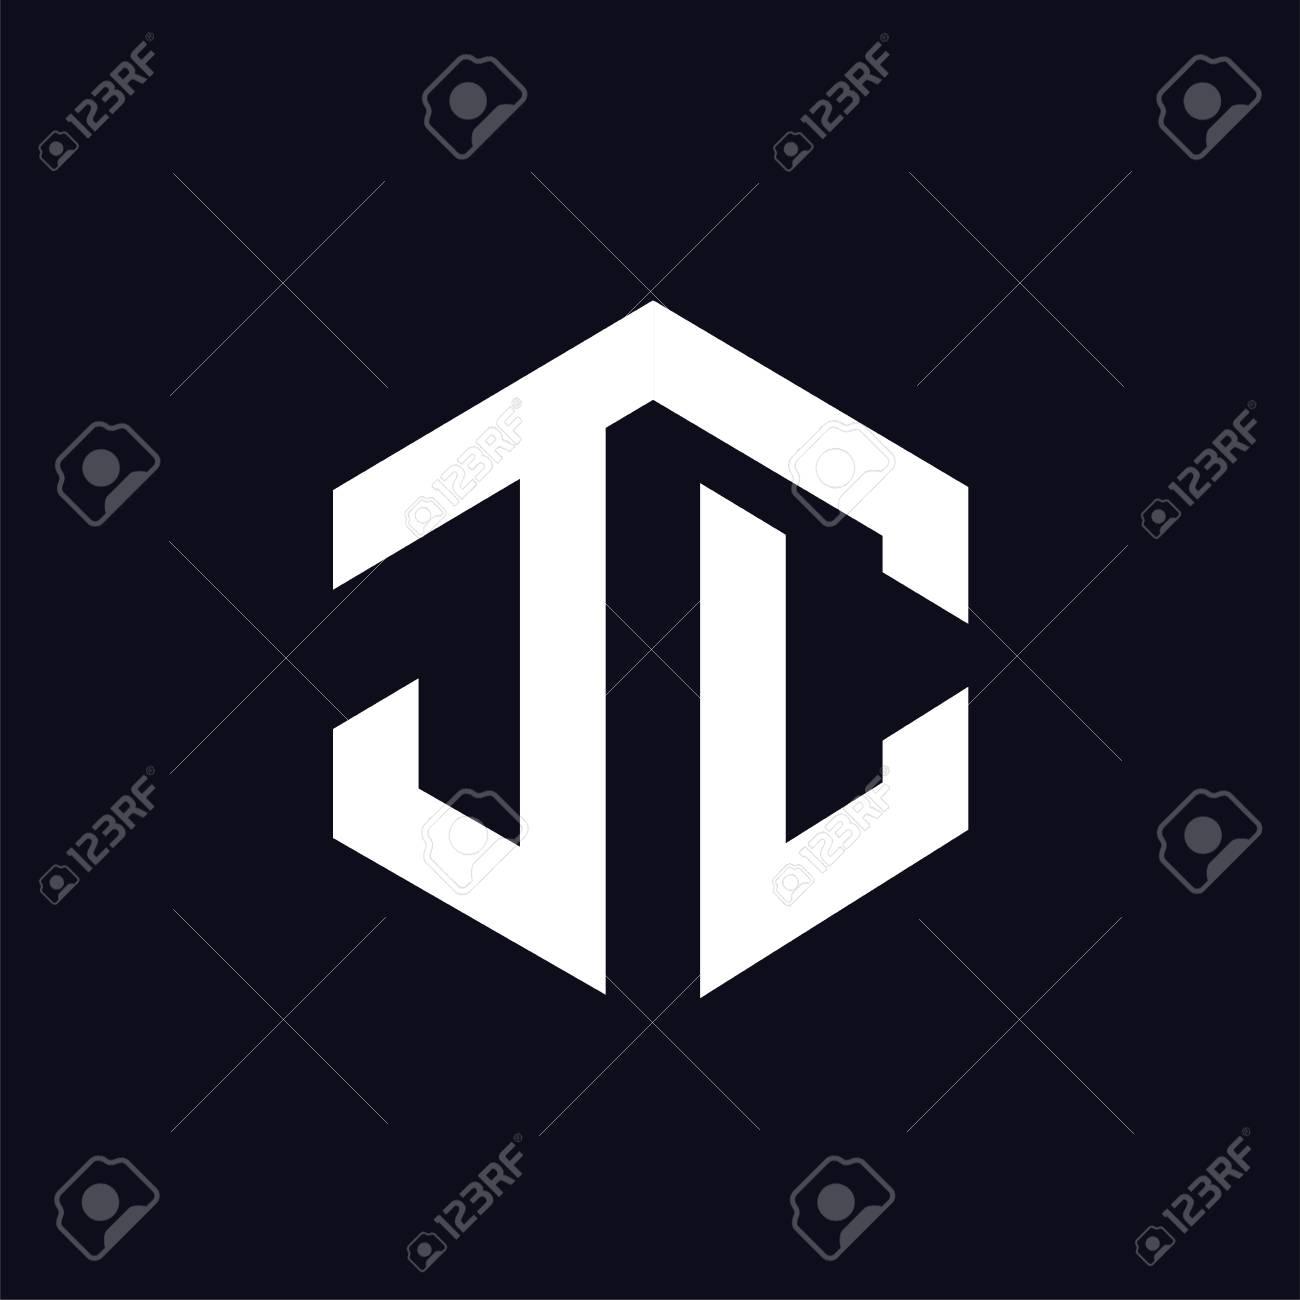 J C Initial letter hexagonal logo vector - 107106105